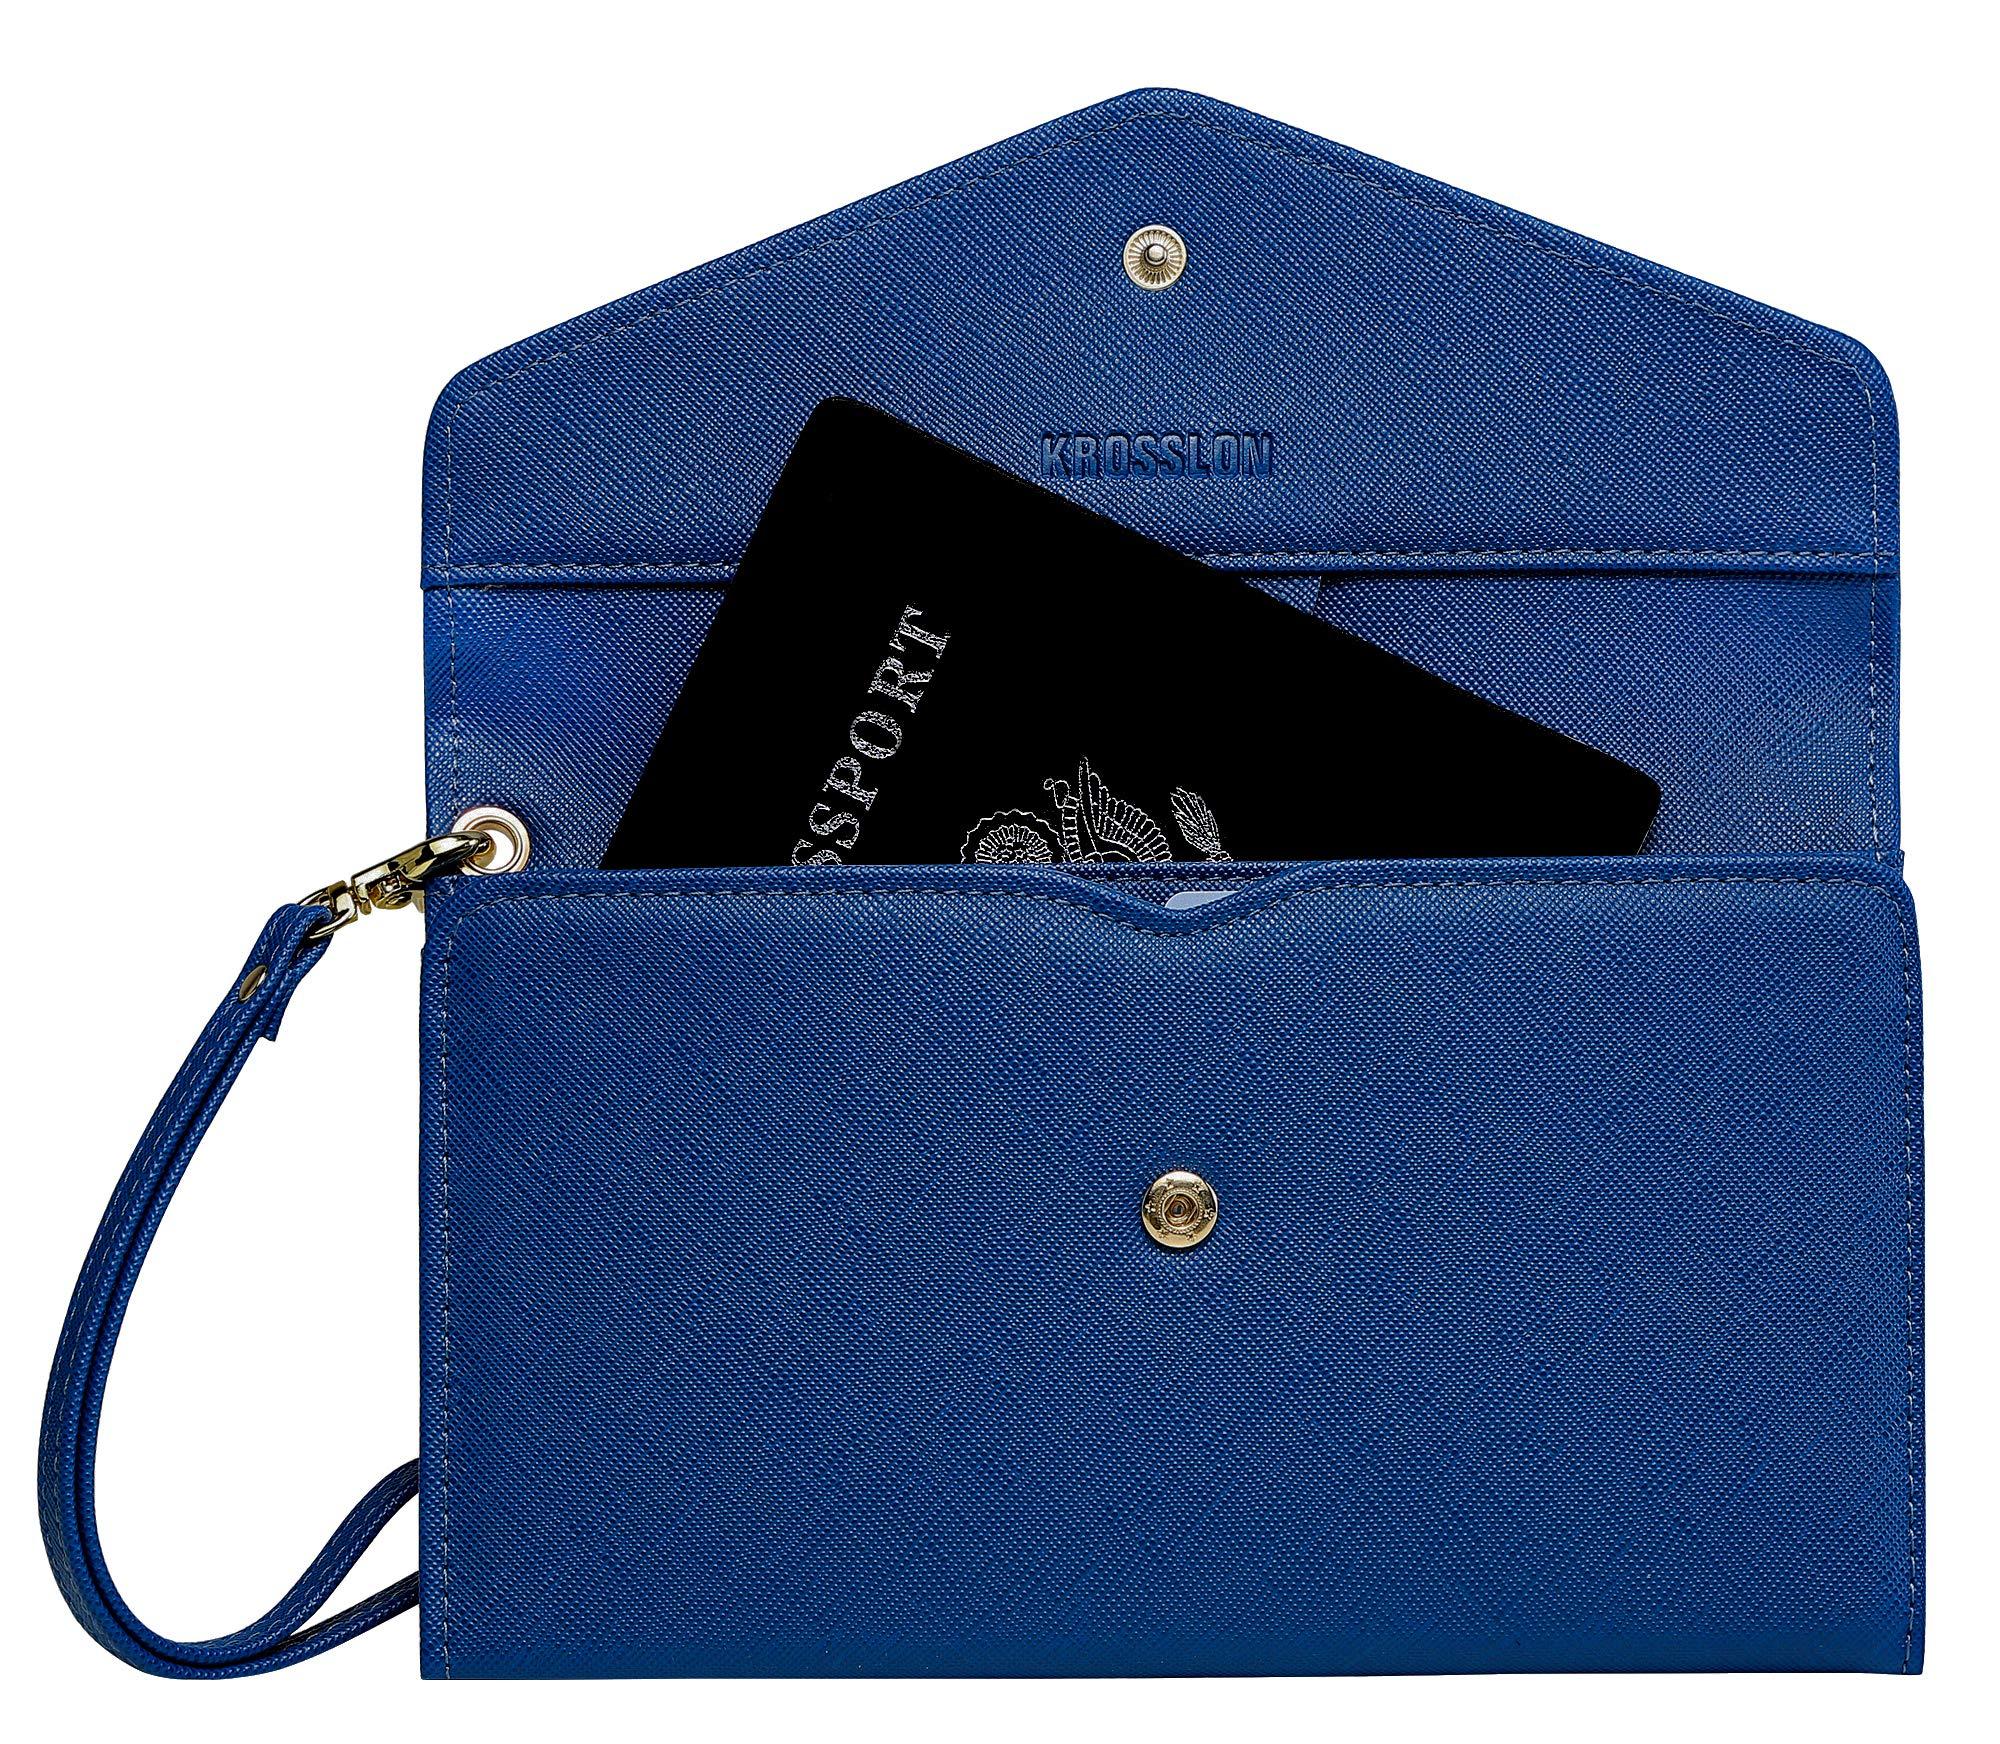 Krosslon Travel Passport Wallet for Women Rfid Wristlet Slim Family Document Holder, 2# Navy Blue